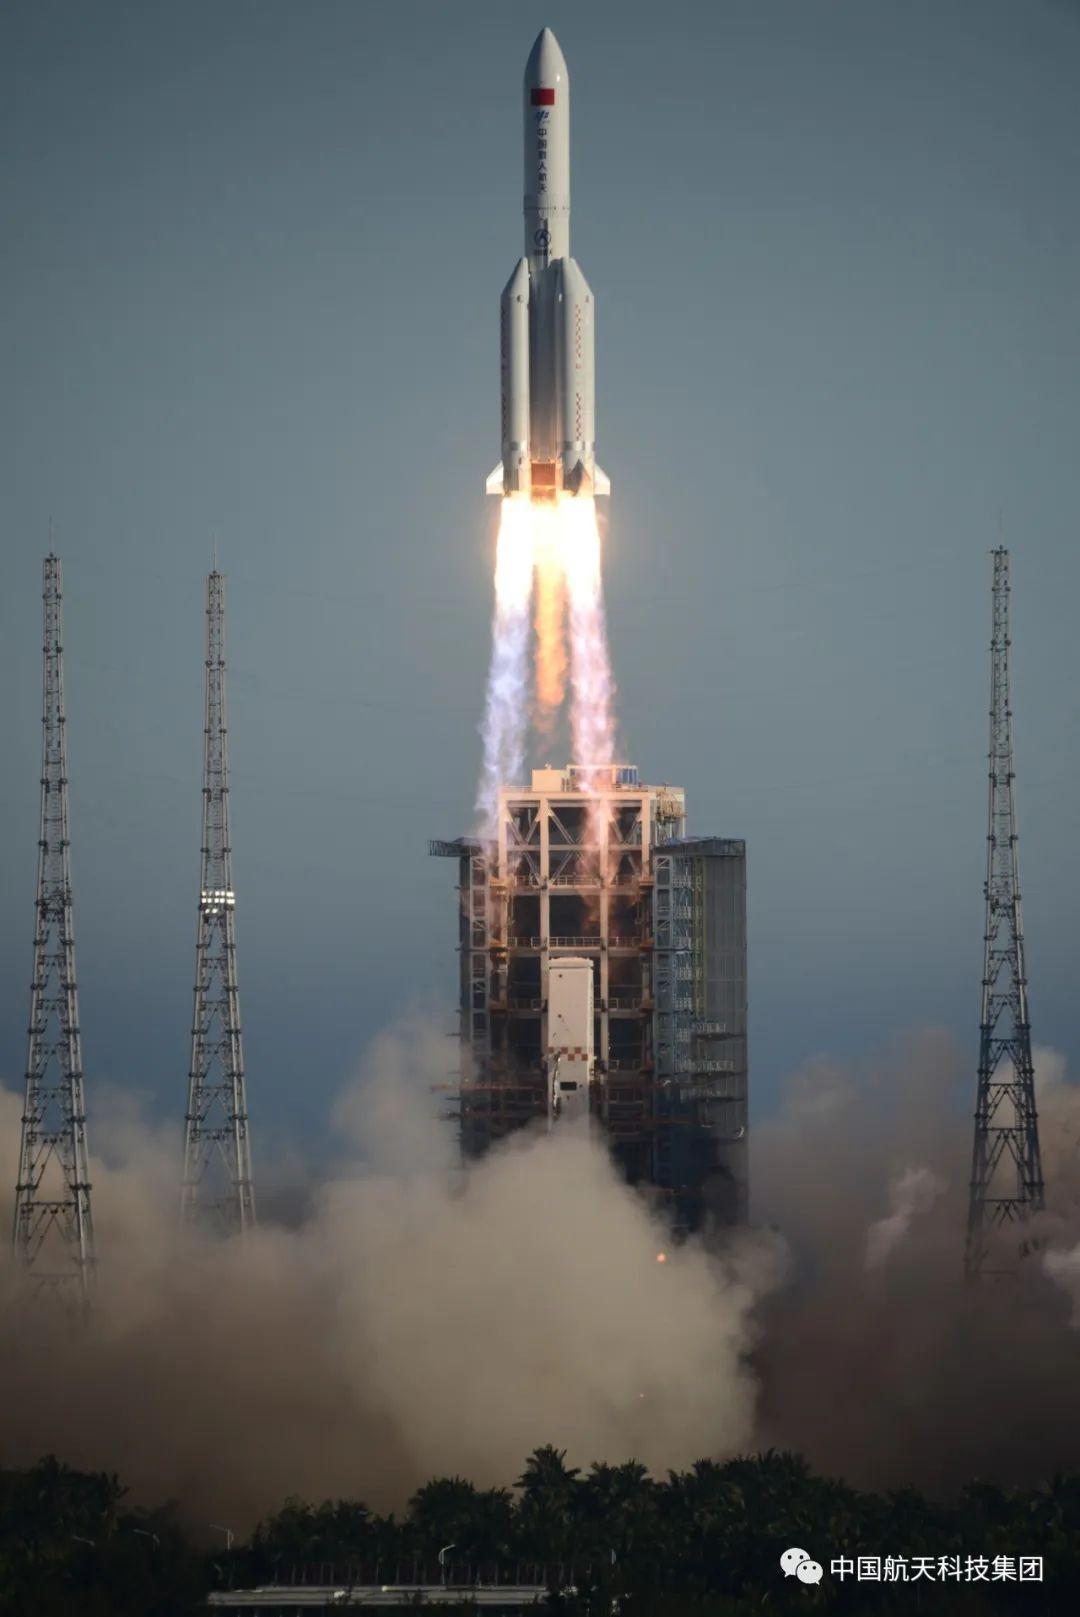 20200505_CZ-5B_Wenchang_launch_01.jpg.82071b10787cc623d8990d815c765543.jpg